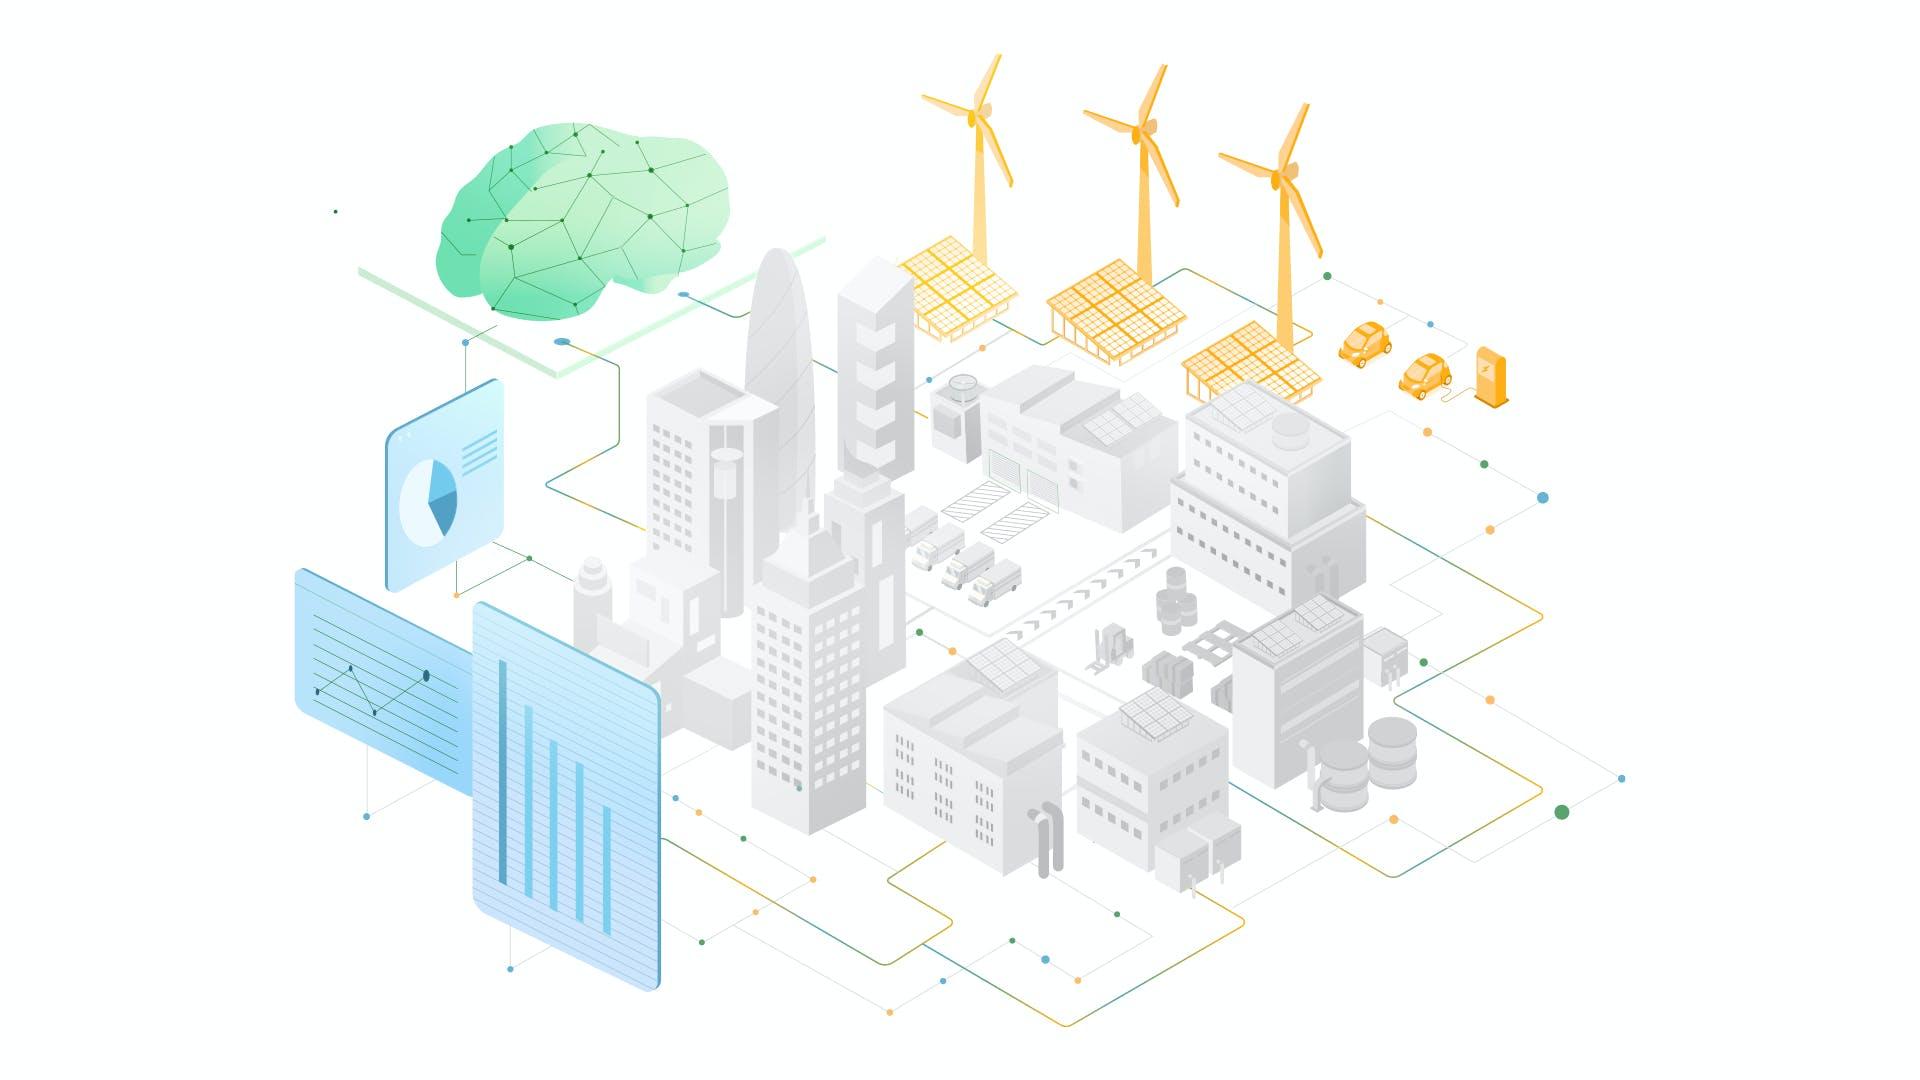 Smartwatt Illustration